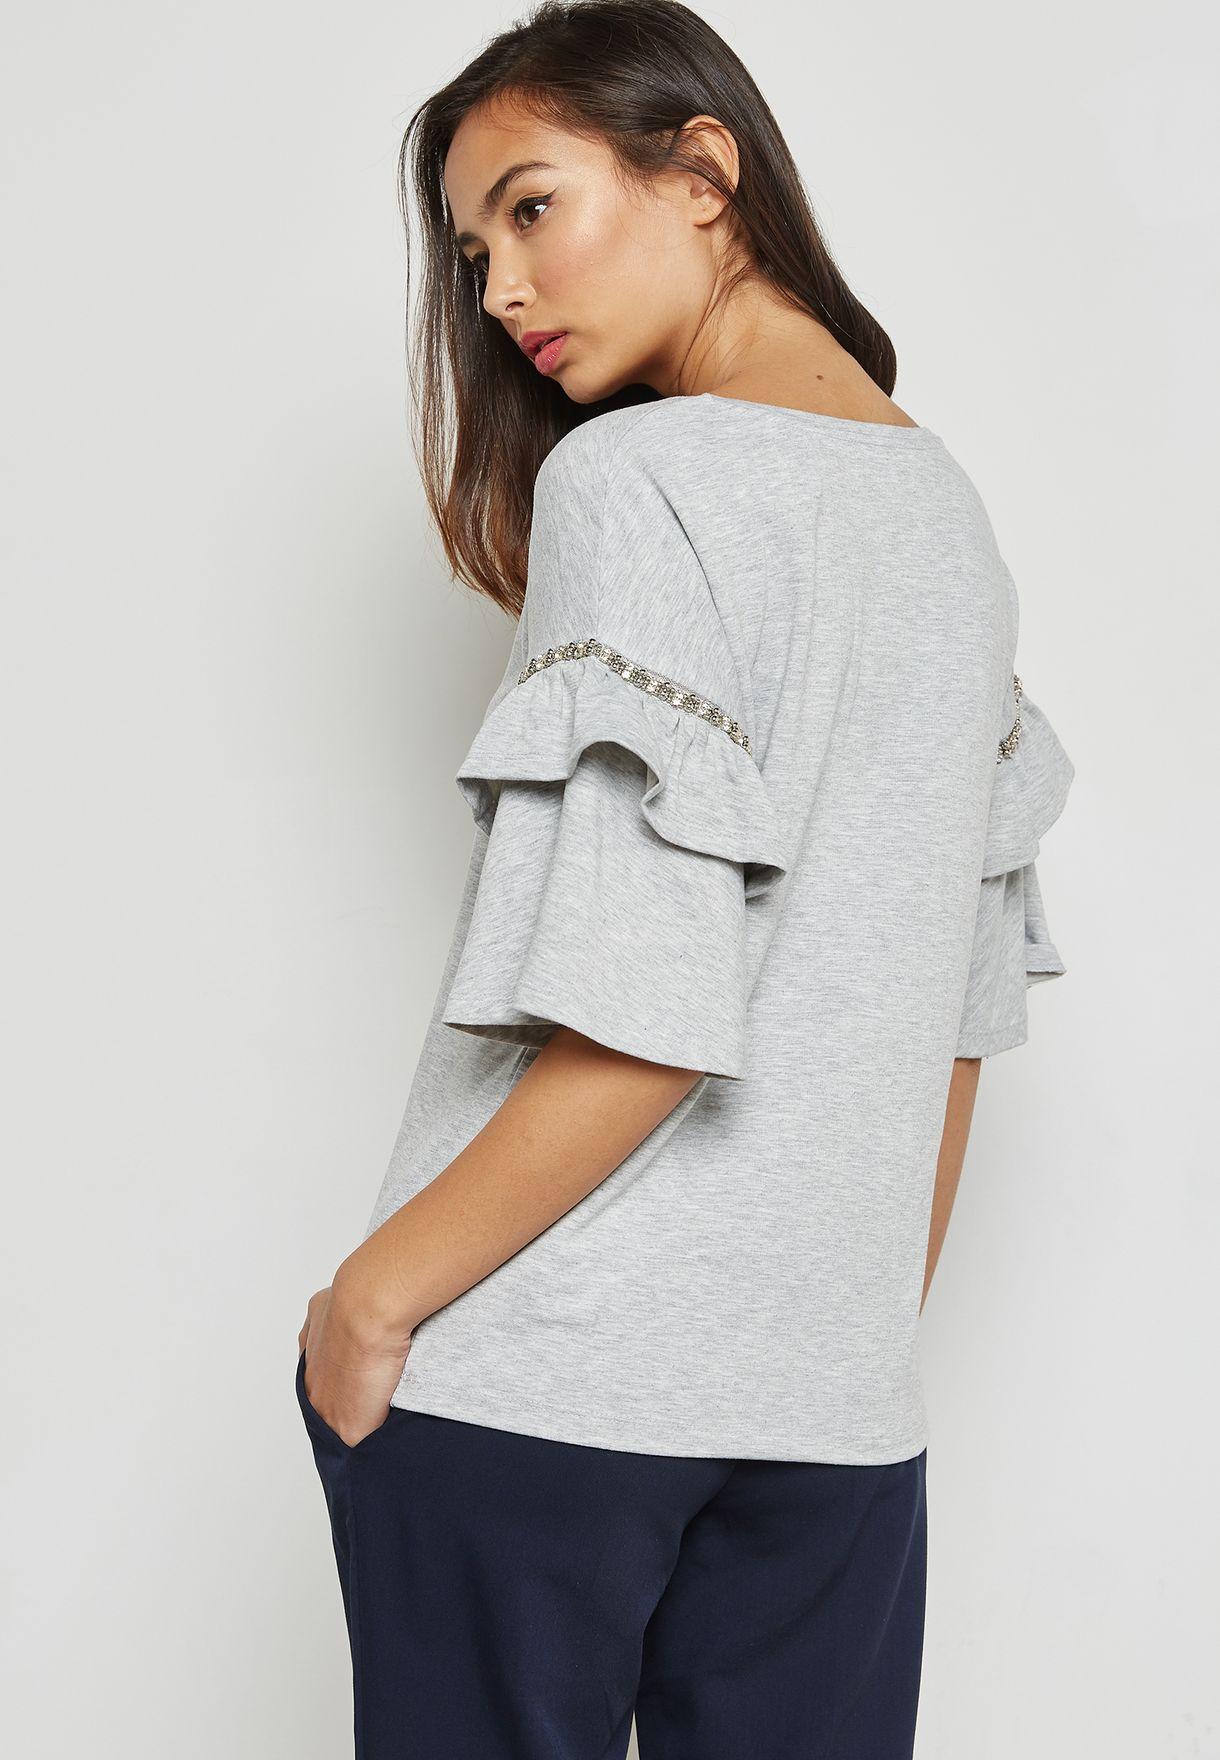 Embellished Ruffle Sleeve Top